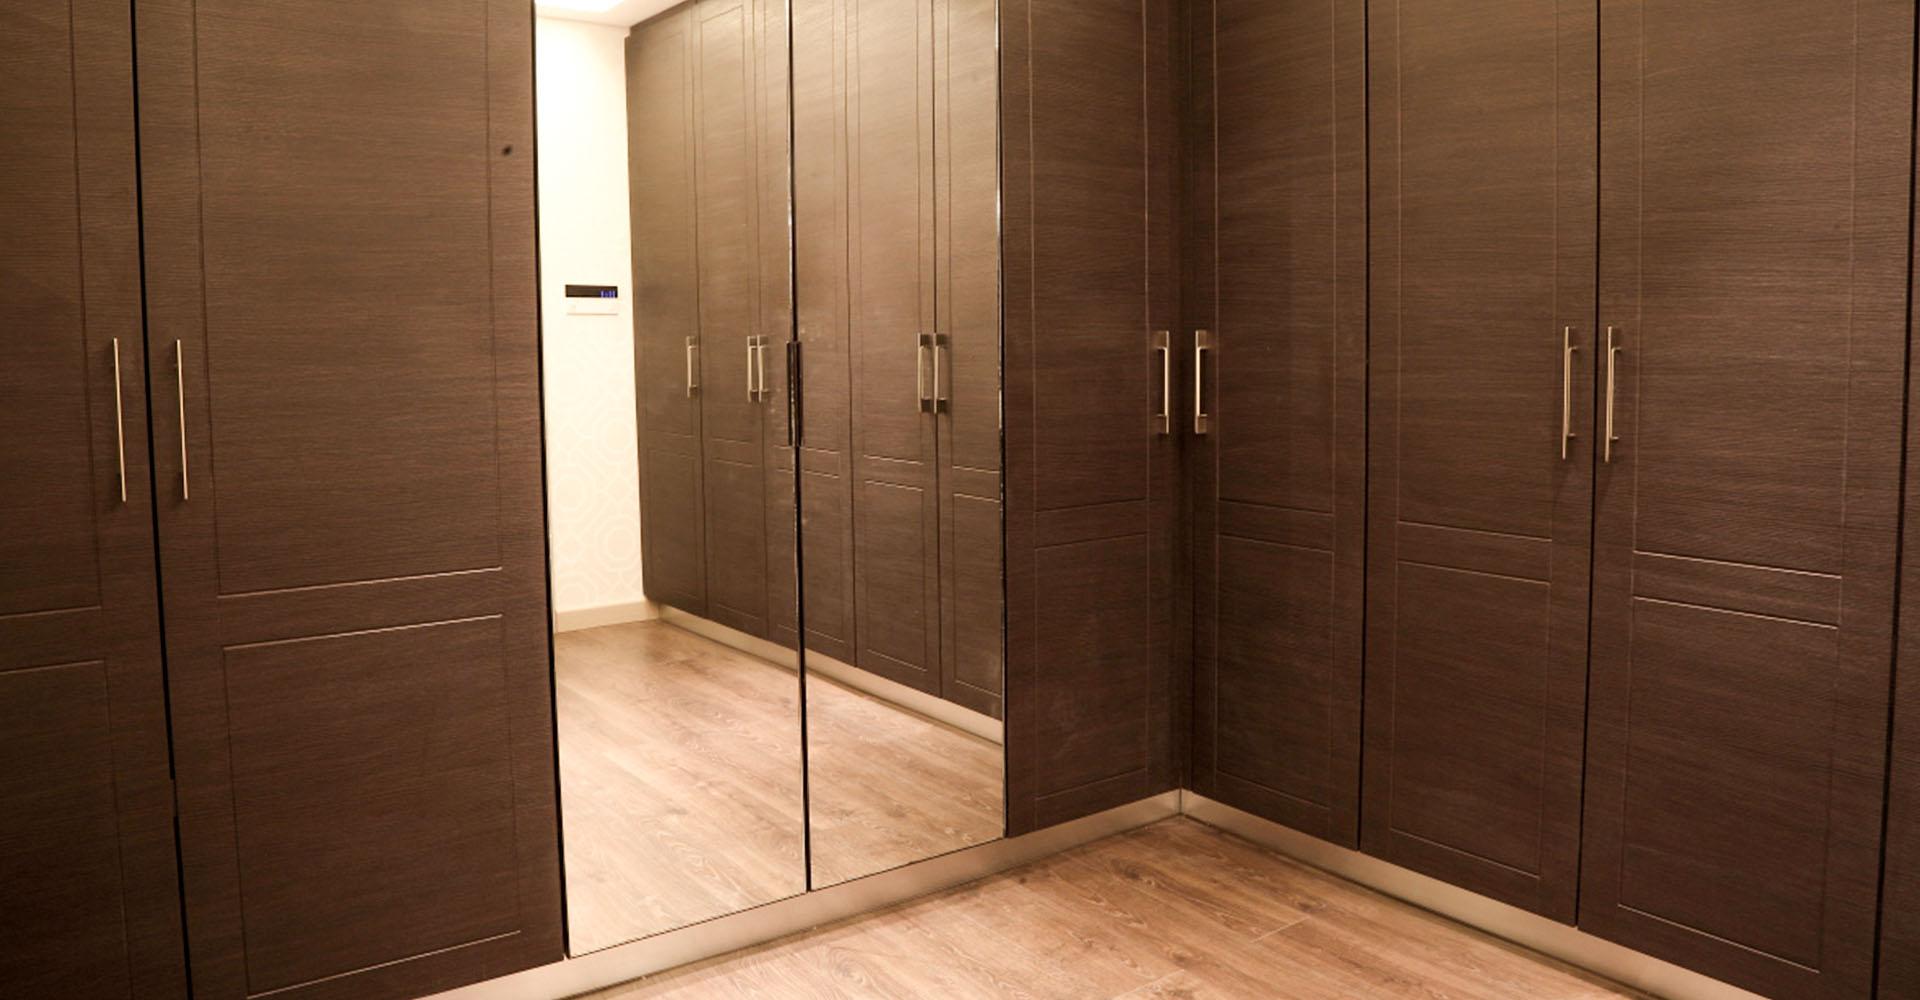 Residential-Design-Hiline-Lahore-portfolio-30-Tufail-Road-07